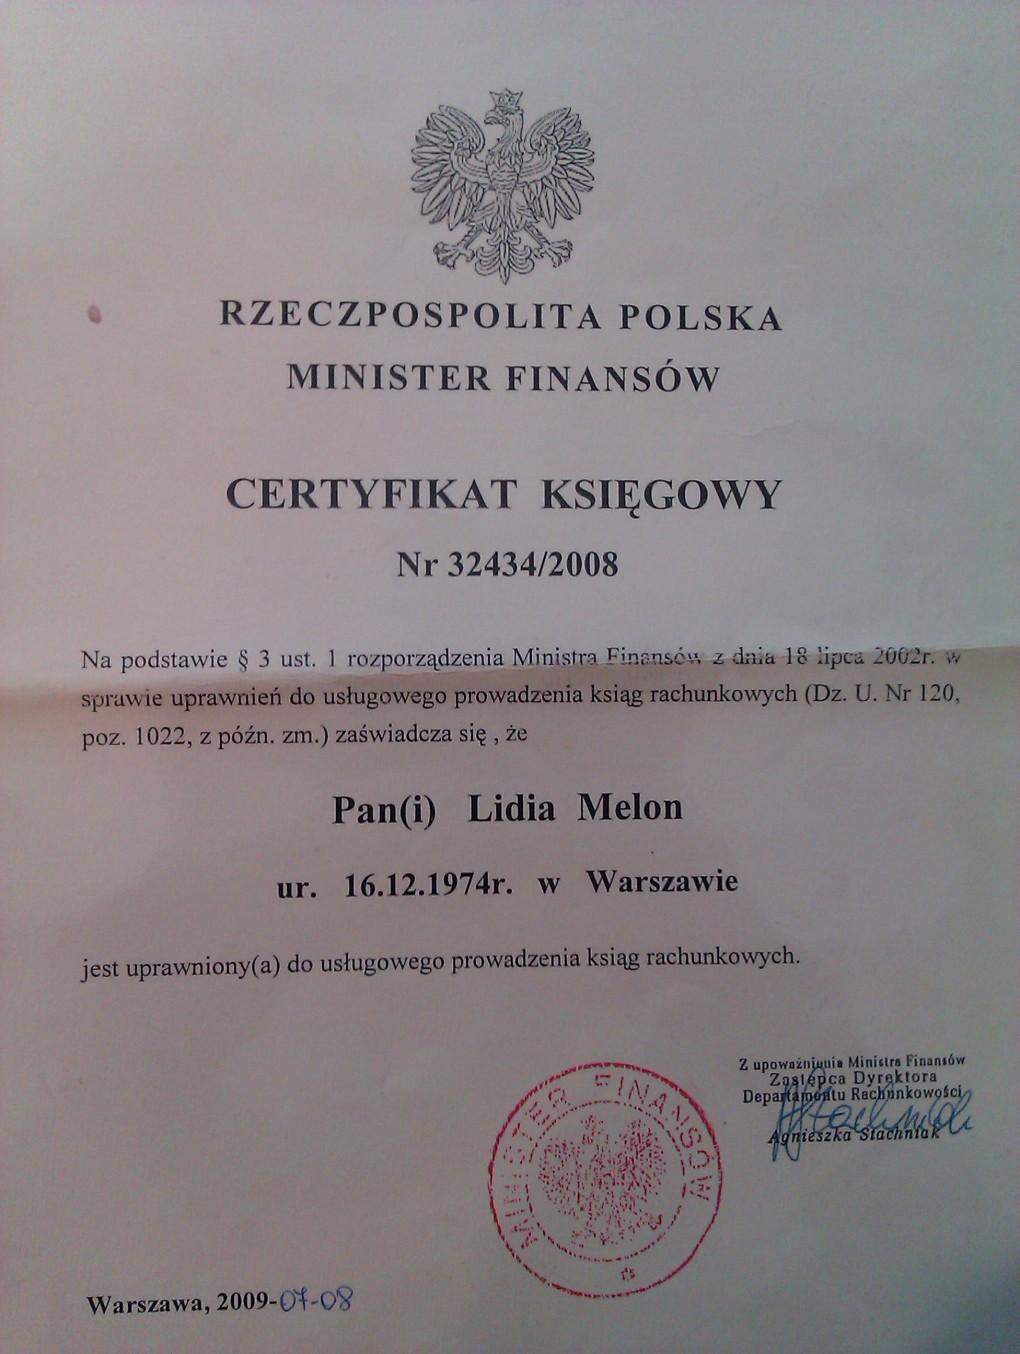 Lidia Melon